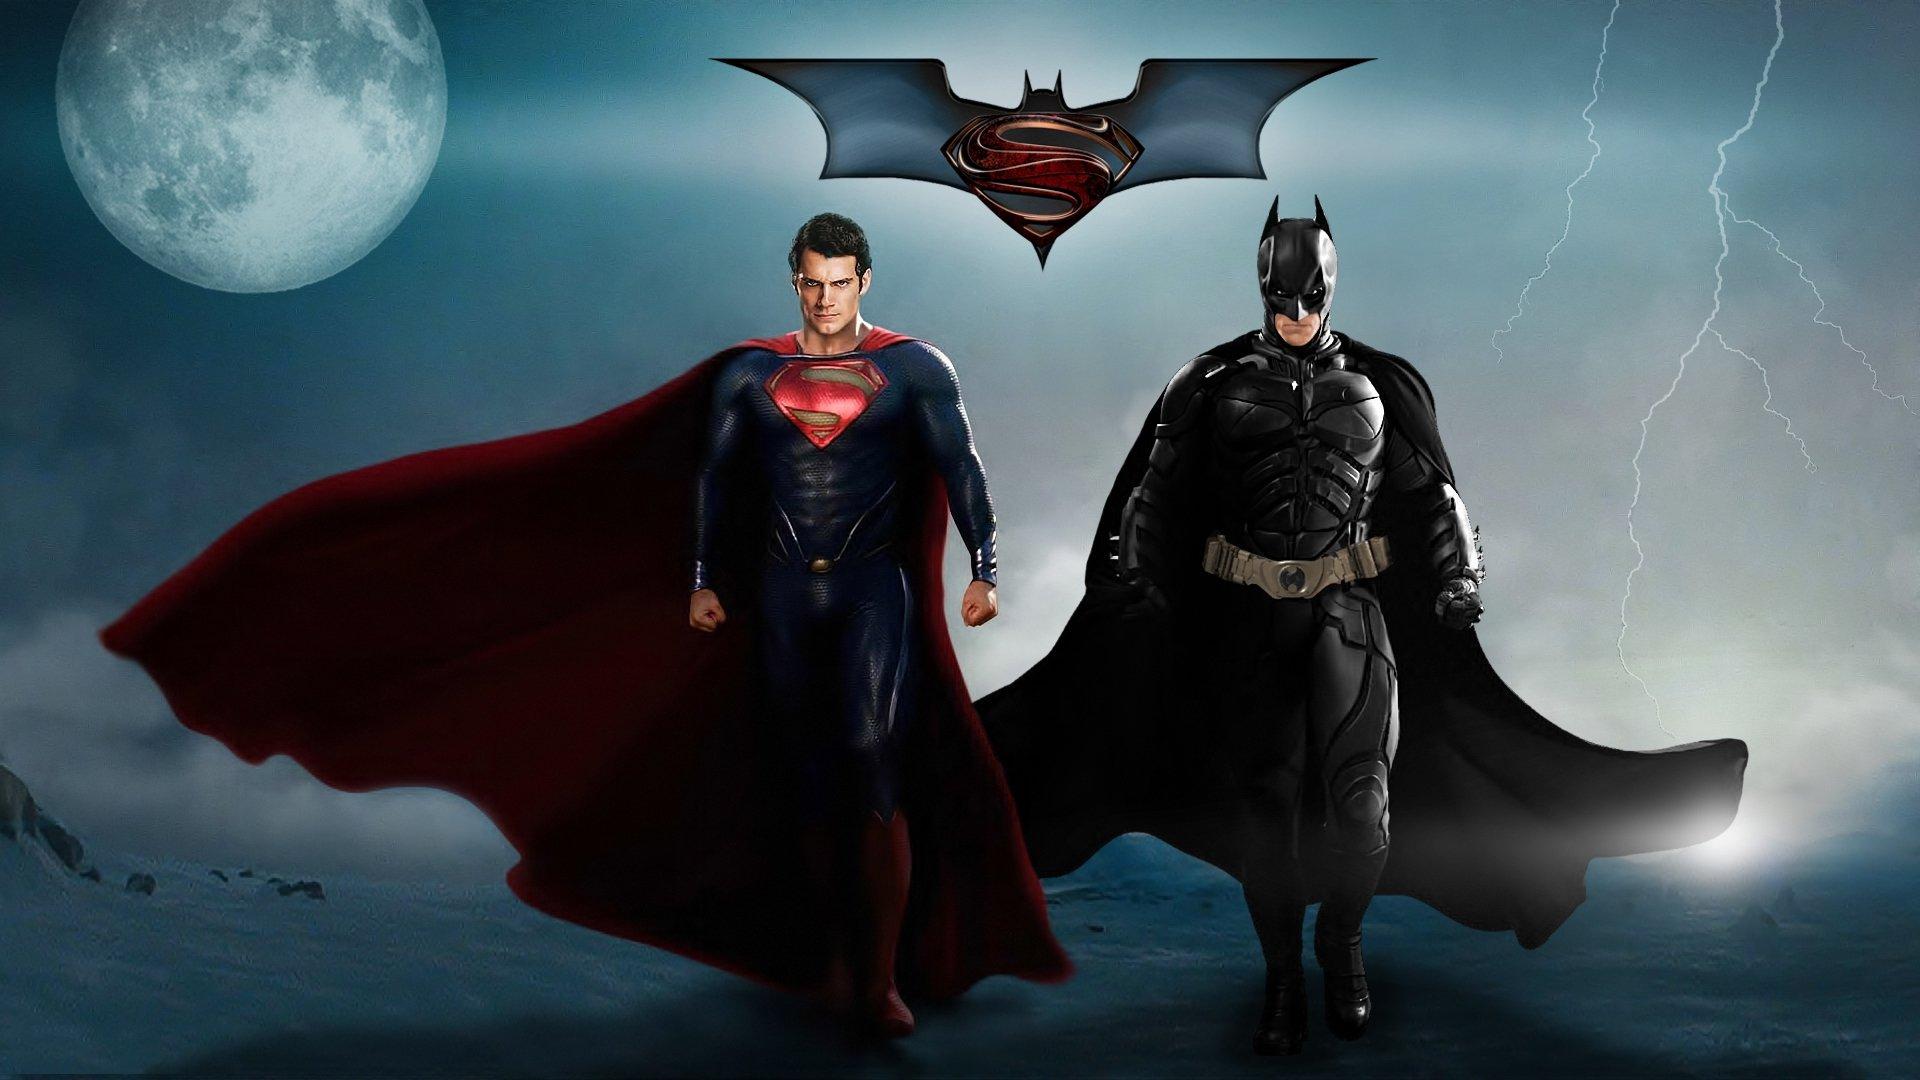 BATMAN v SUPERMAN adventure action dc comics d c superman batman dark 1920x1080